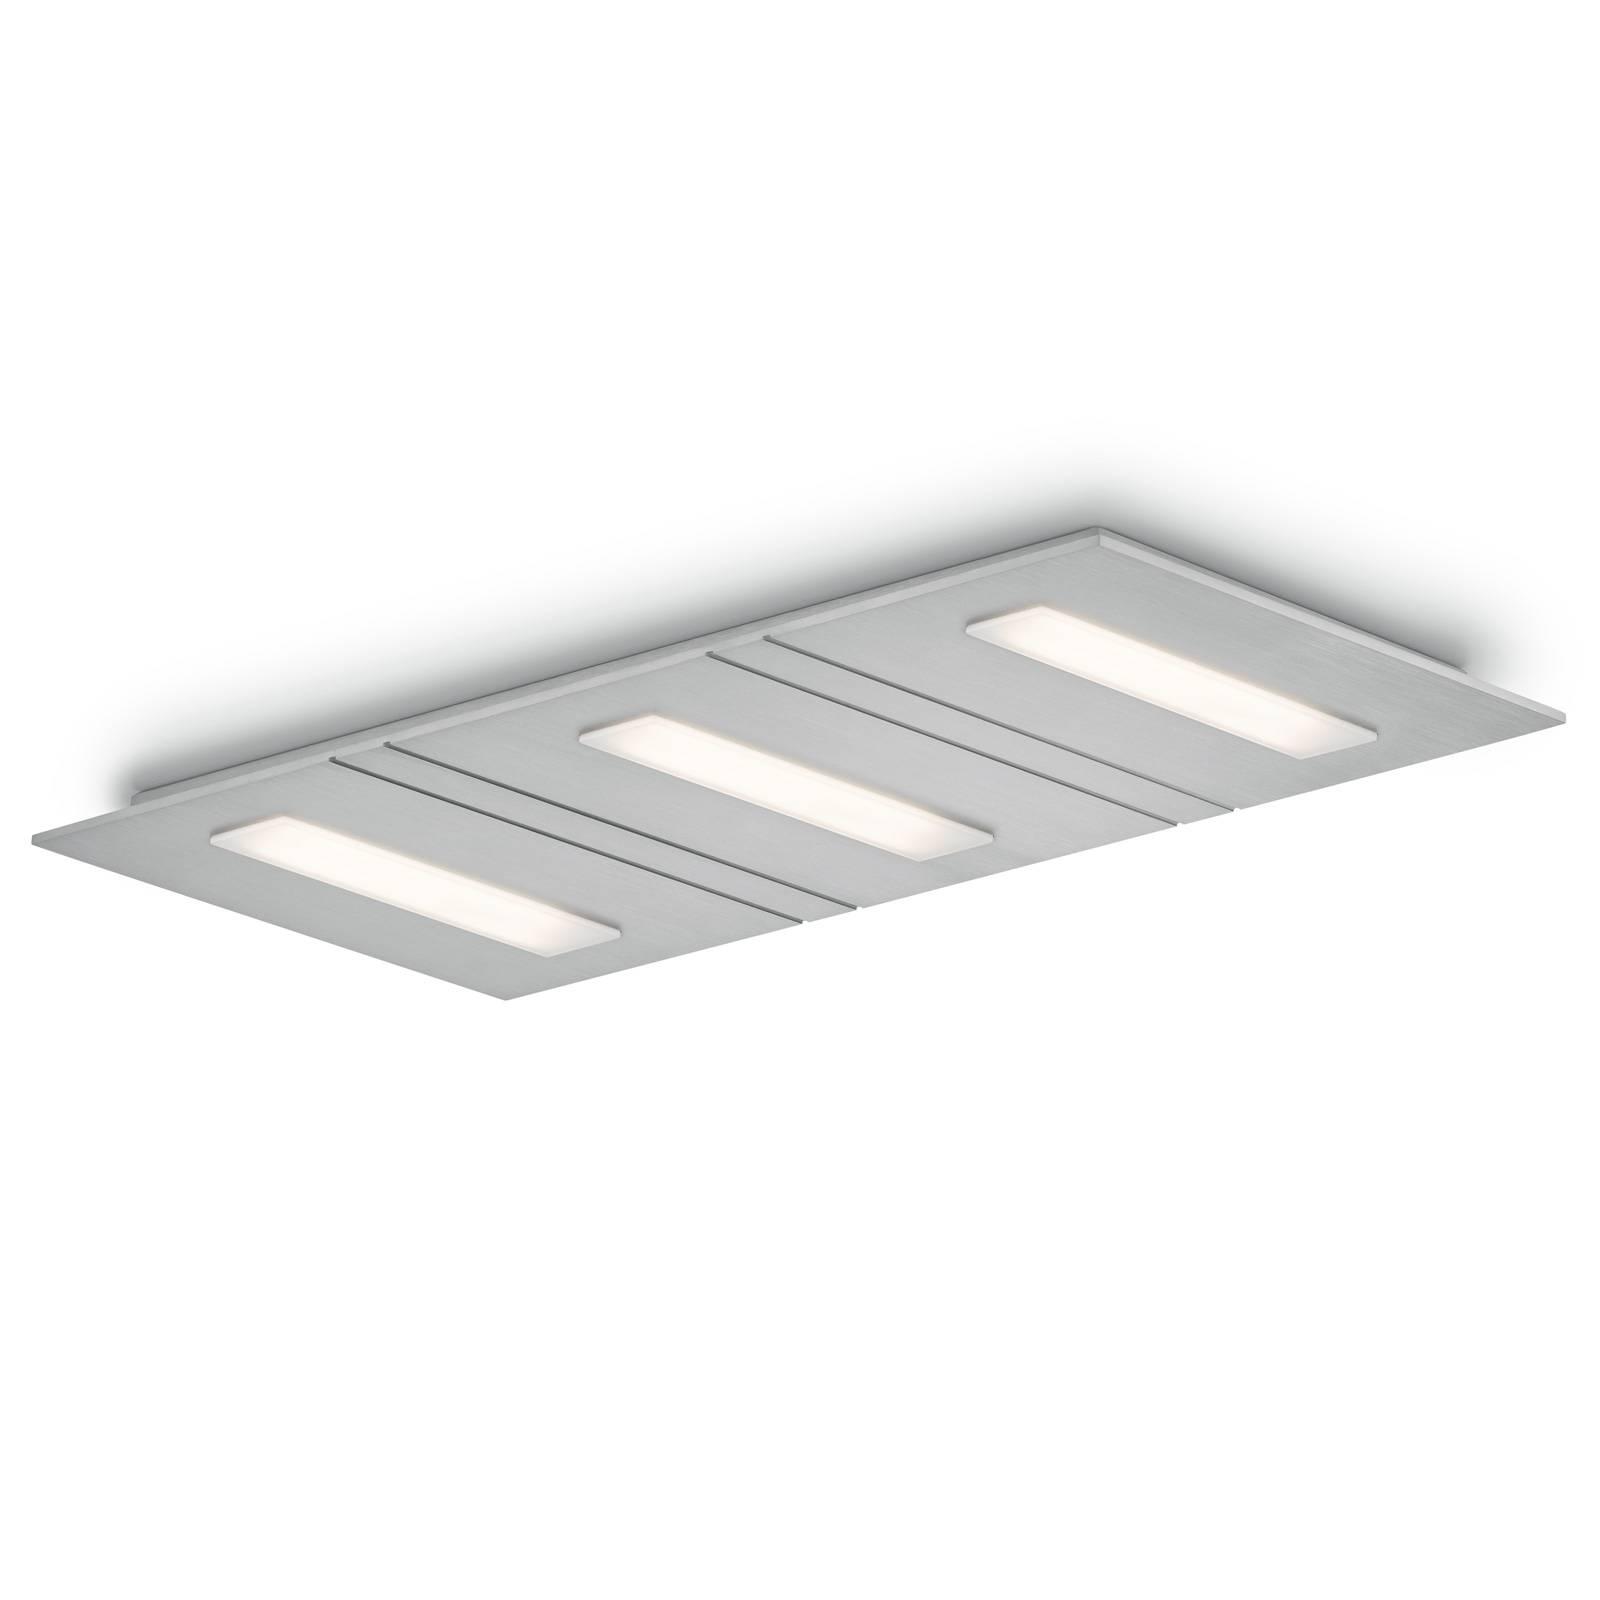 Lampa sufitowa LED Sina-3, dim-to-warm, 3-punktowa